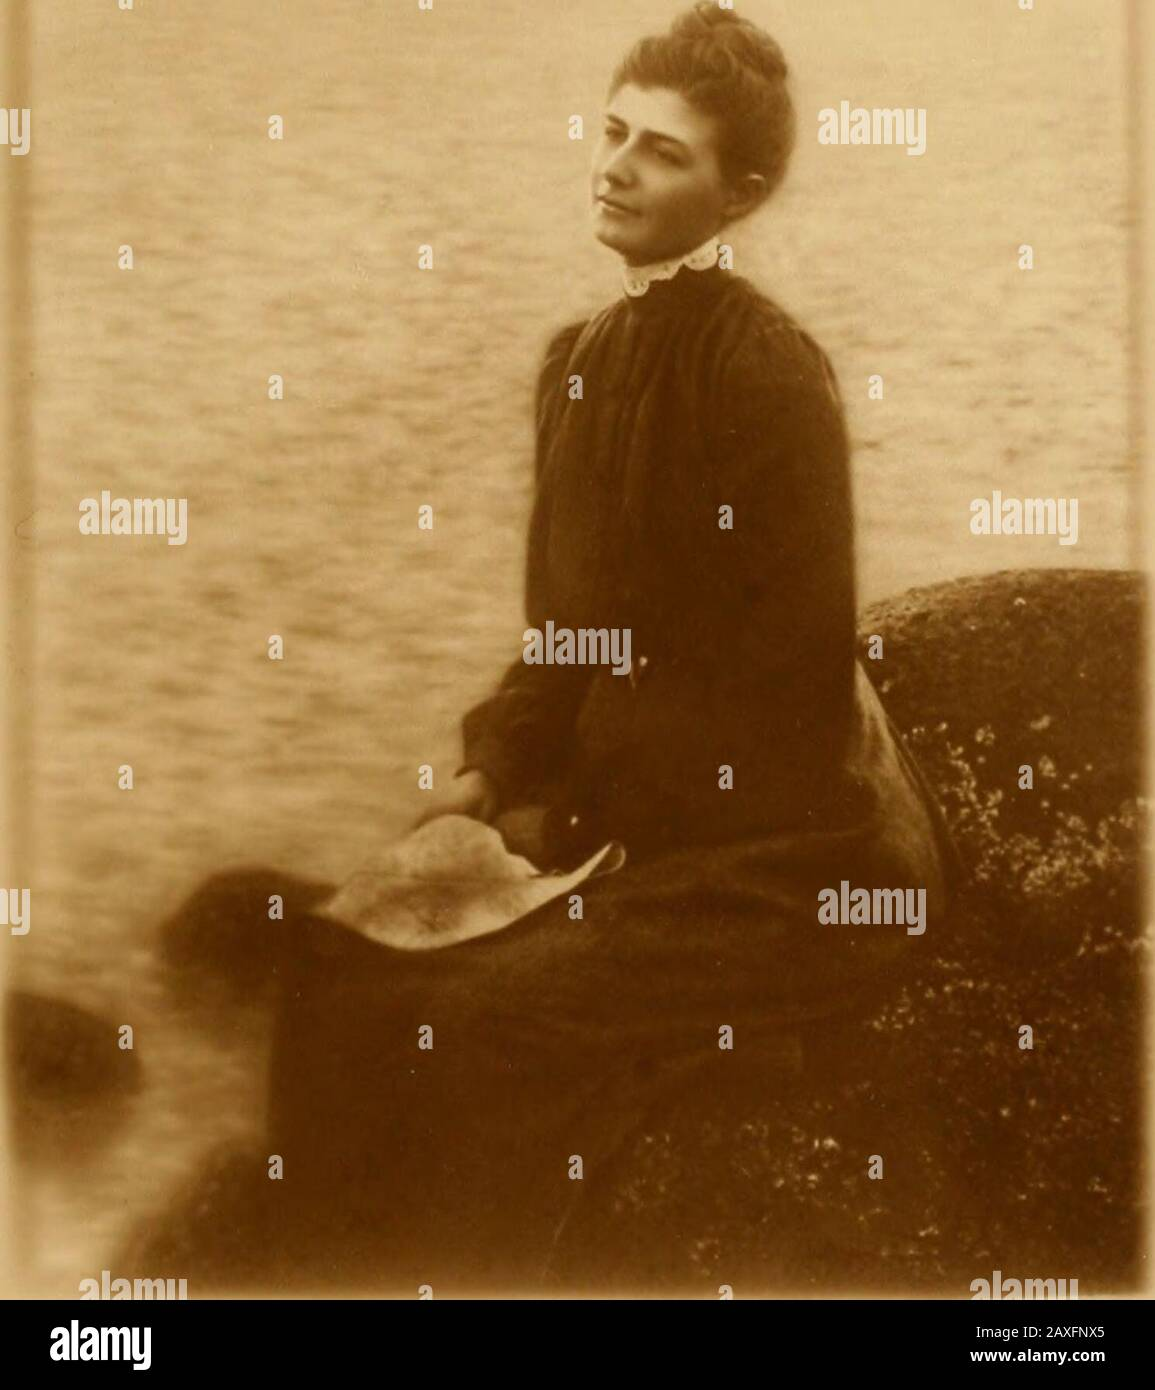 Para sus amigos y los míos: Un libro de aspiraciones, sueños y recuerdos . Prensa De Gibson Bros.. Inc.Washington, D. C. .• 3l17 EN MEMORIA DE CHARLOTTE PUEDE BUFETT Alguna Vez Esposa de ERWIN F. SMITH Nacido: 8 de octubre de 1871, Cleveland, Ohio Casado: 13 de abril de 1893, Easton, Maryland Murió: 28 de diciembre de 1906, Washington, D. C. Para siempre te mueres, y ella es justa!—Keats. Dios la tiene Con Él eternamente, Pero ella habita cada hora con ti. —Cino da Pisloia (traducción de Rossettis). CE que lhomme ici-bas appelle le genie, Cest le besoin daimer; hors de la tout est vain. —Alfred de Musset.. El mar sh Foto de stock